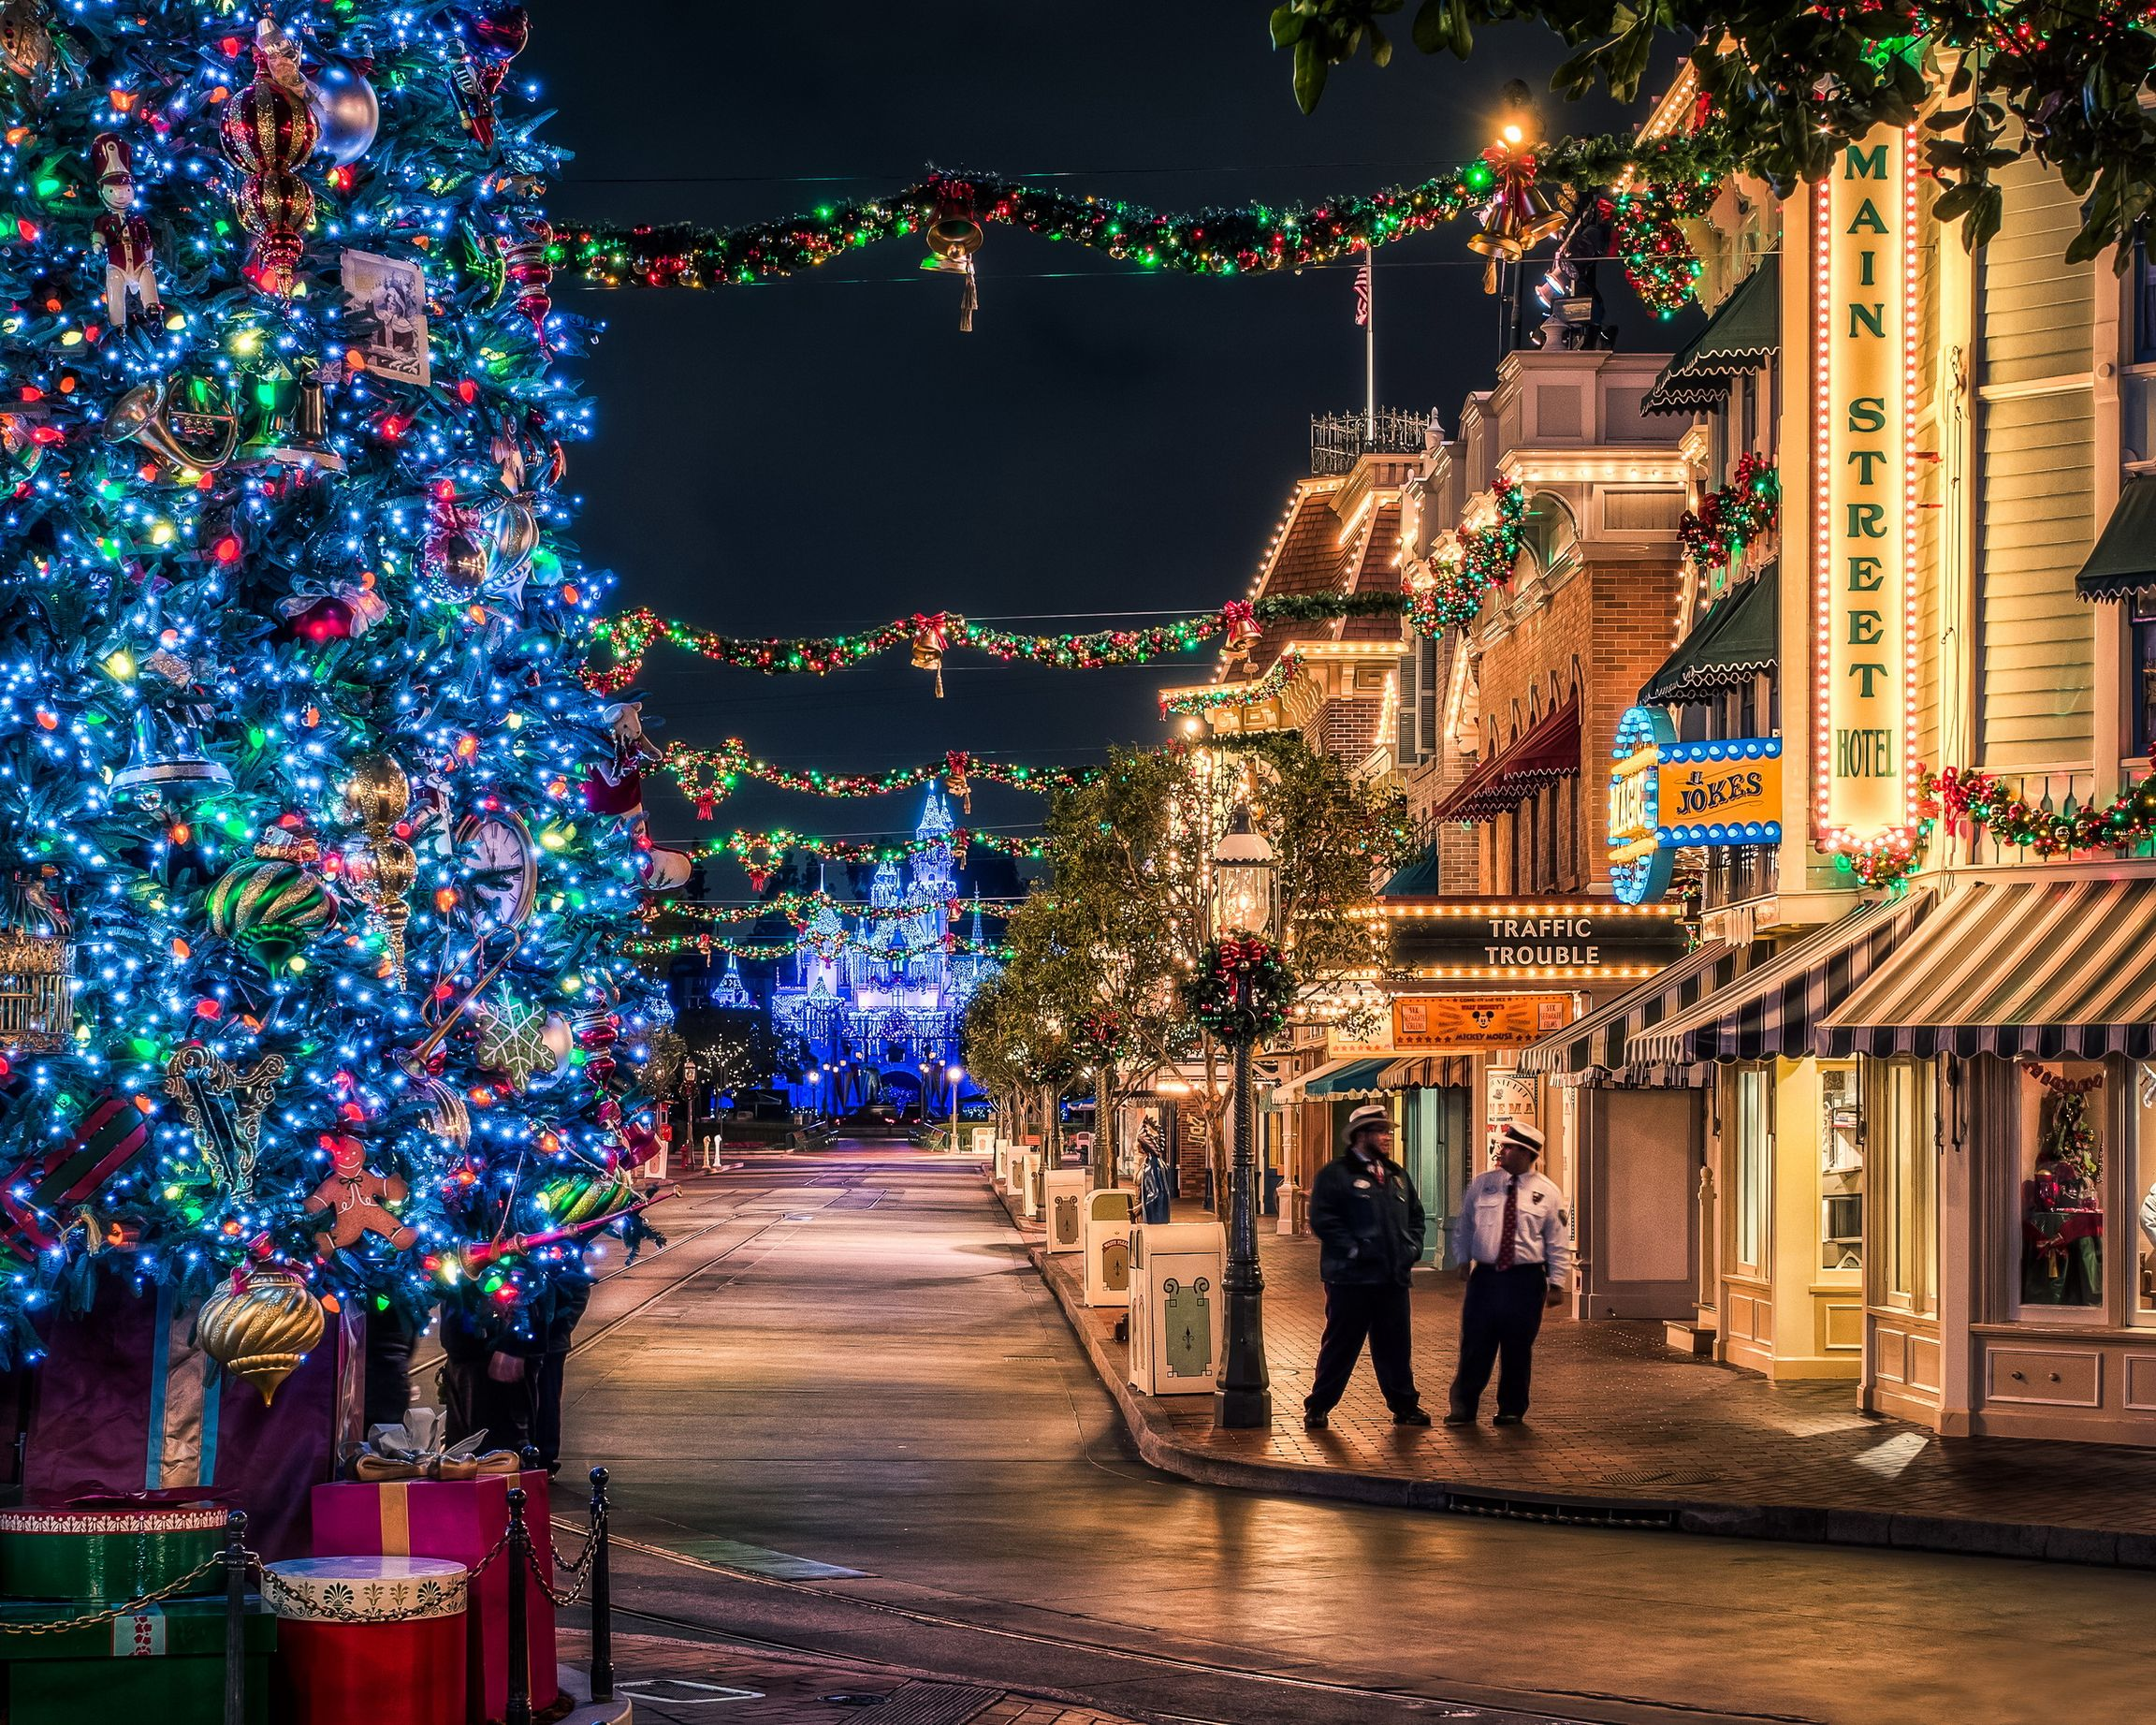 одной новогодний ночной город фото количество